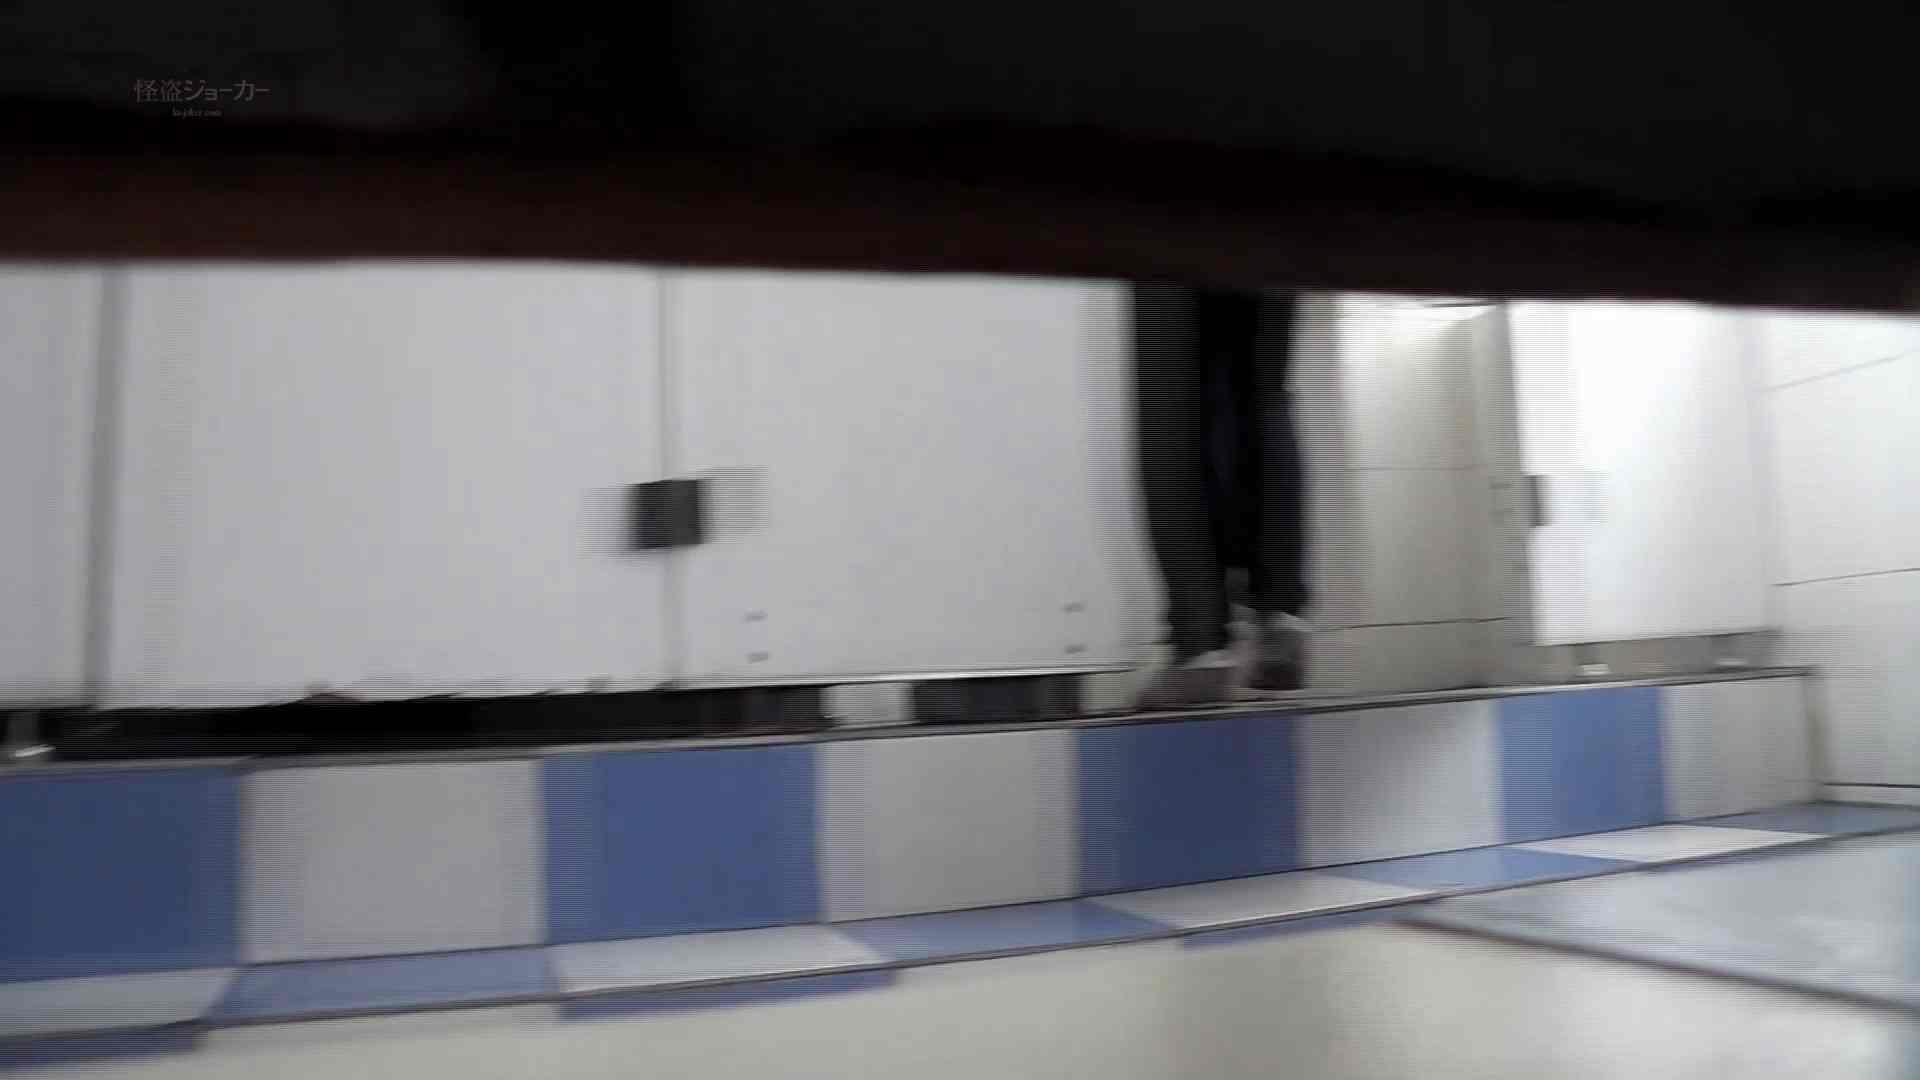 下からノゾム vol.031 扉を壊しみたら、漏れそうな子が閉じずに入ってくれた パンツ  83PIX 81